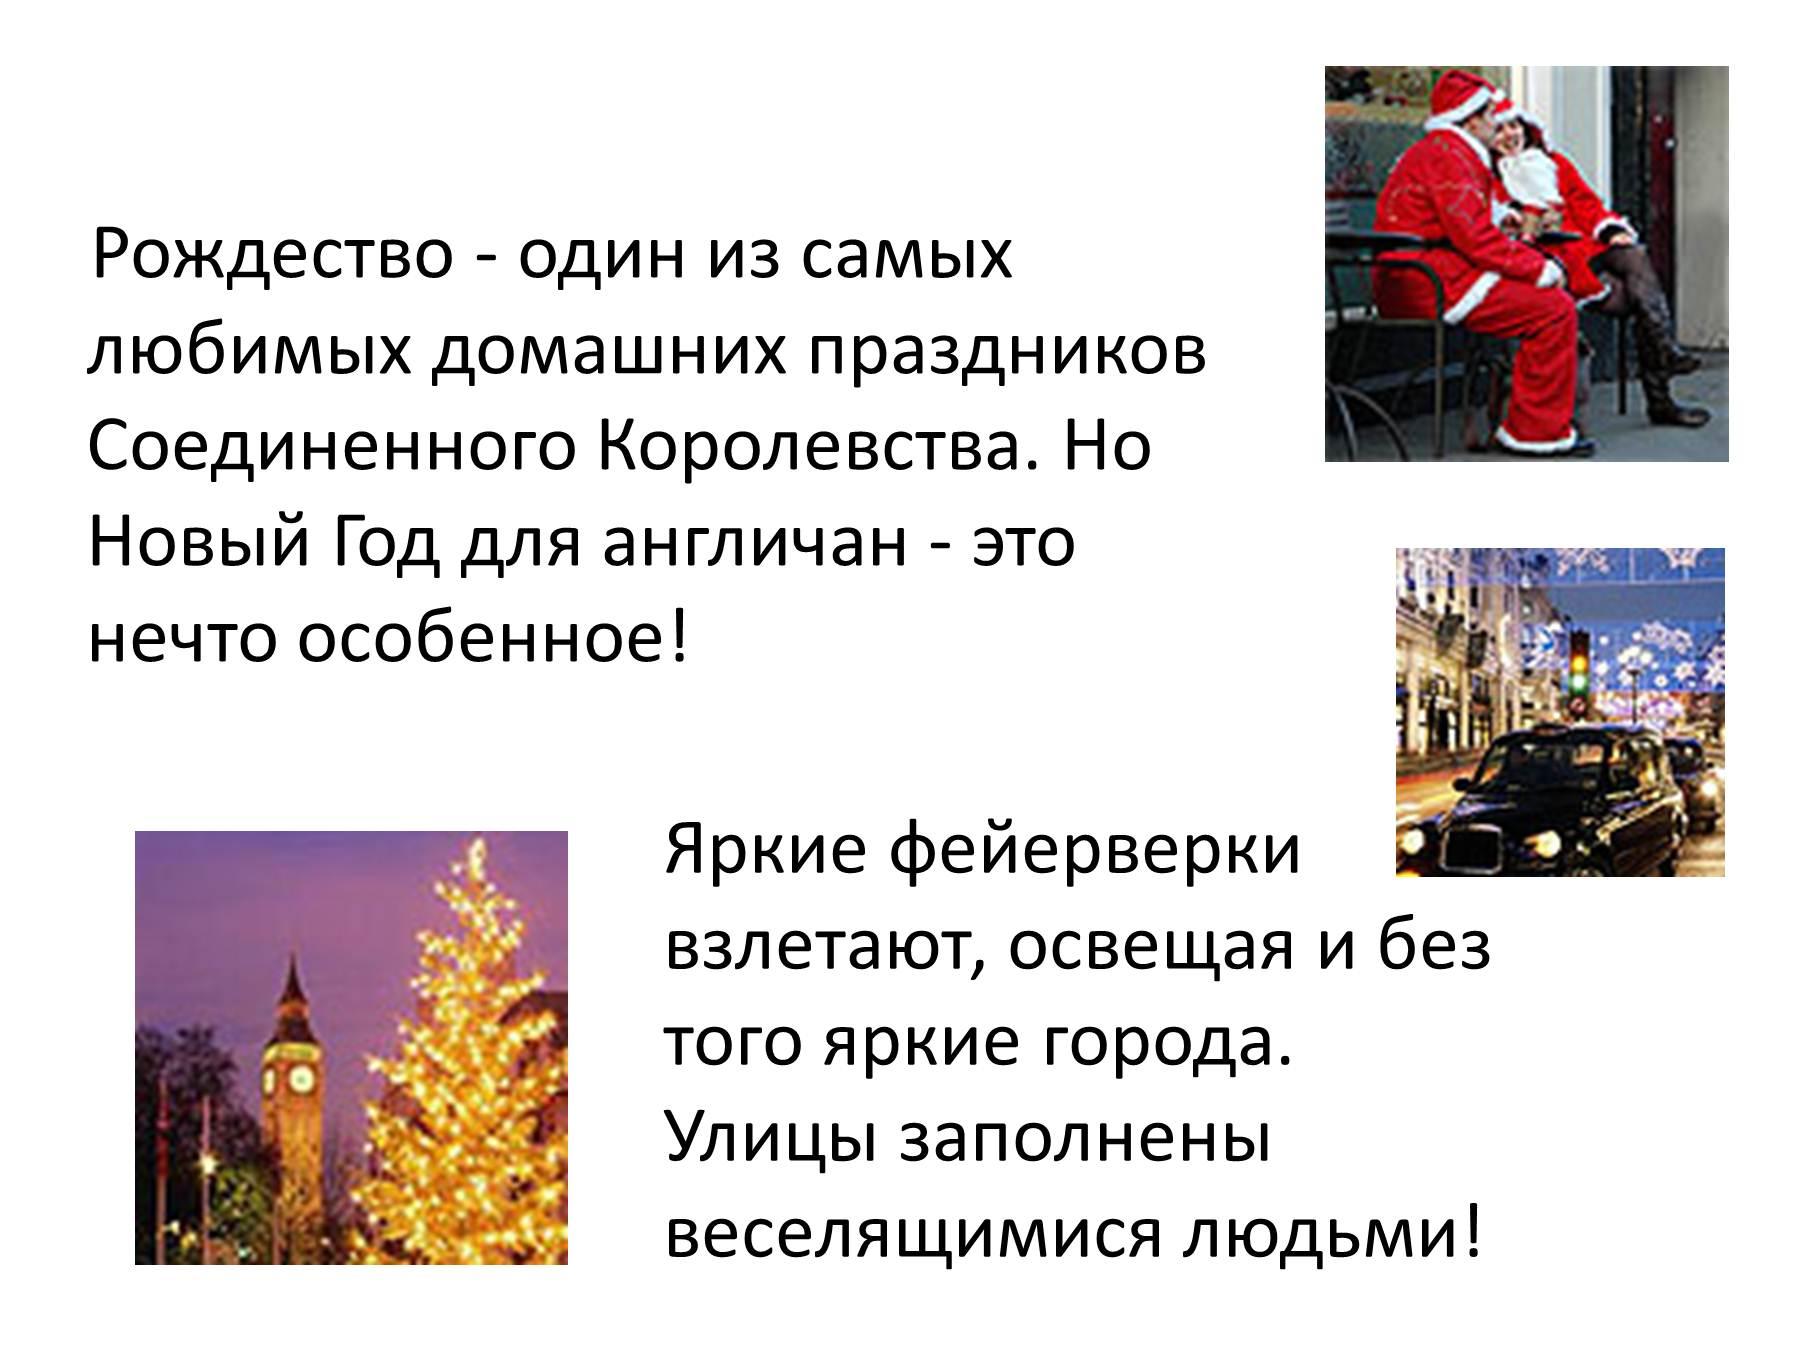 Тема новый год в россии на английском языке